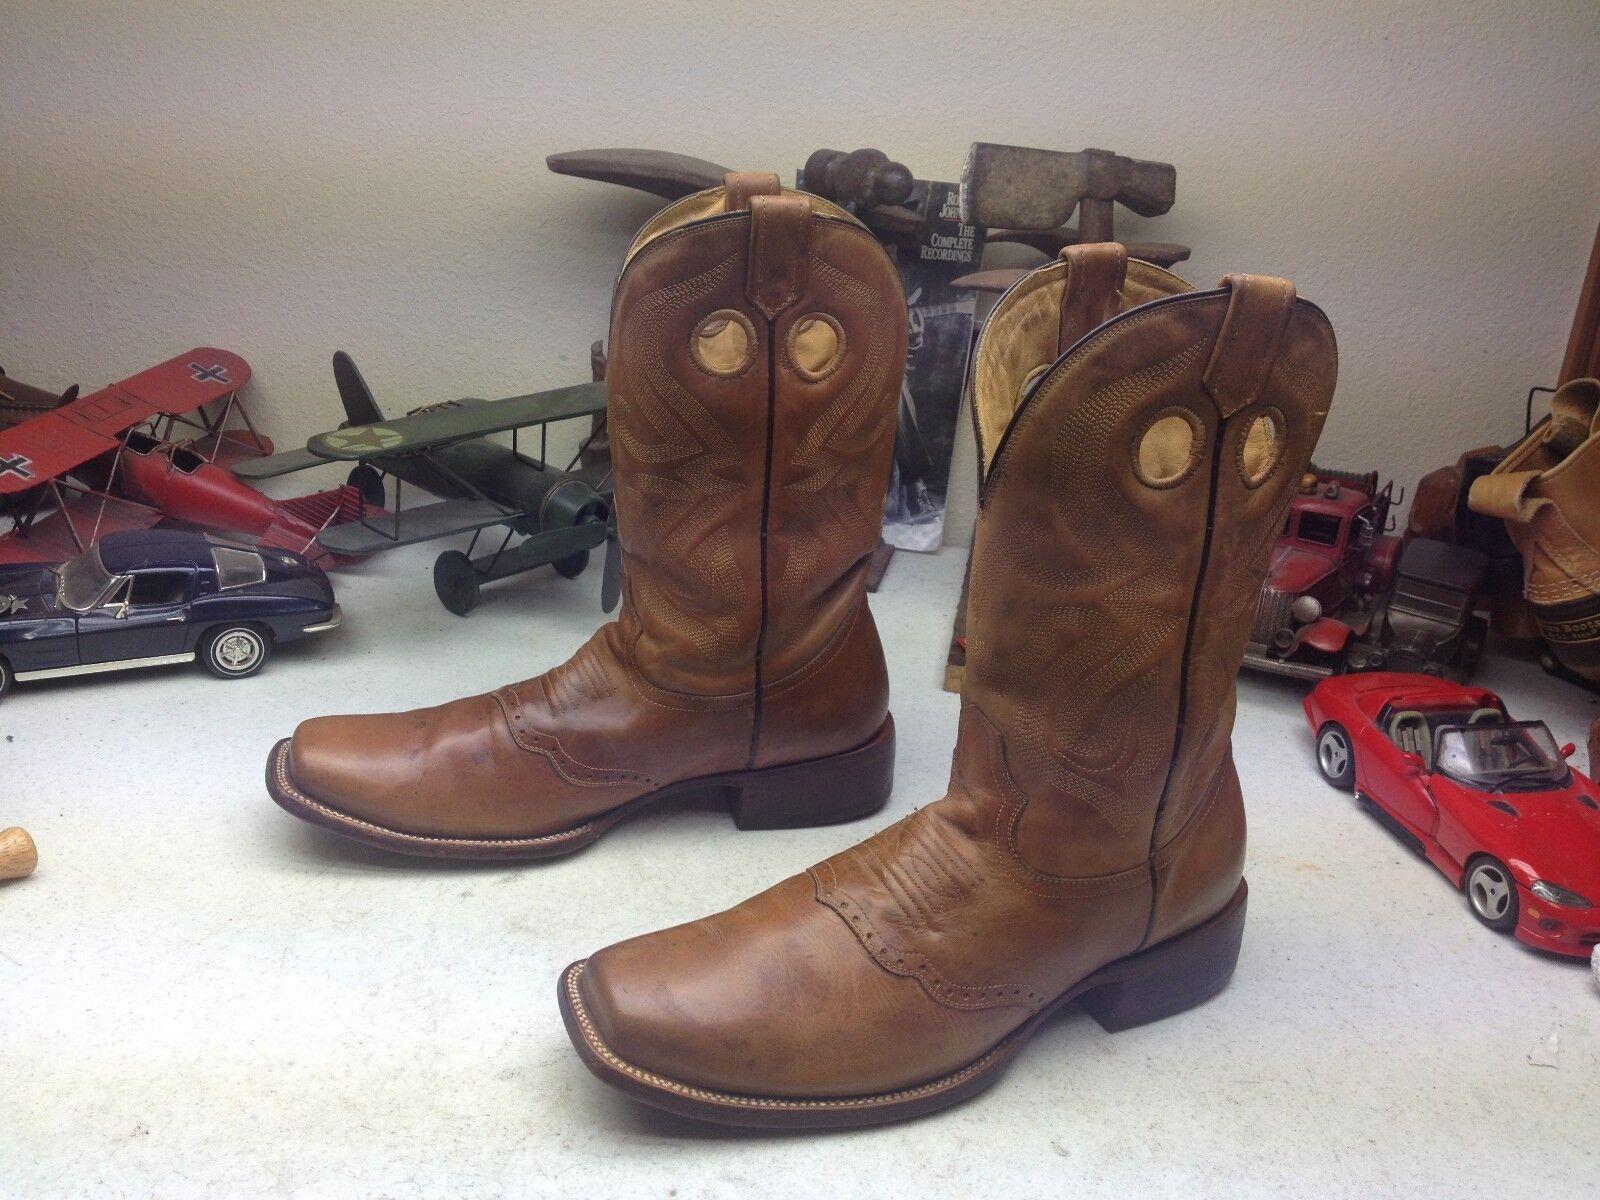 Puntera cuadrada Corral Marrón Cuero Occidental ingeniero jefe Trail botas 11 D